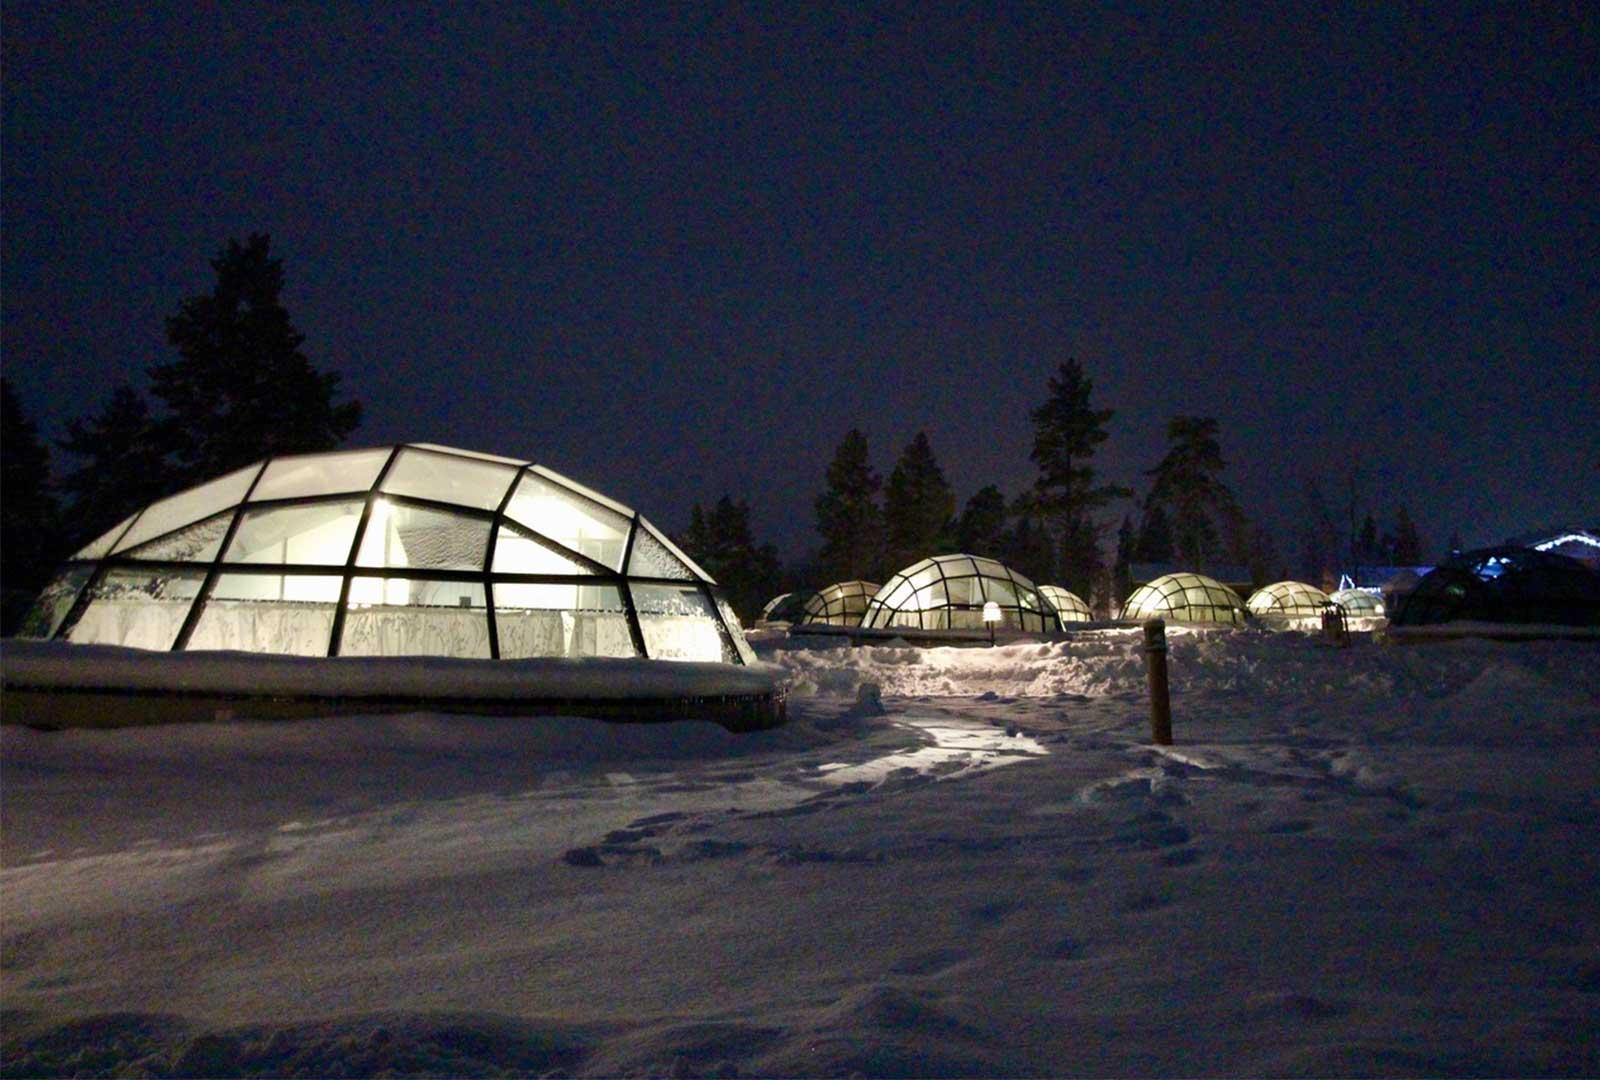 ایگو-شیشهای- شمالیارین-فنلاند